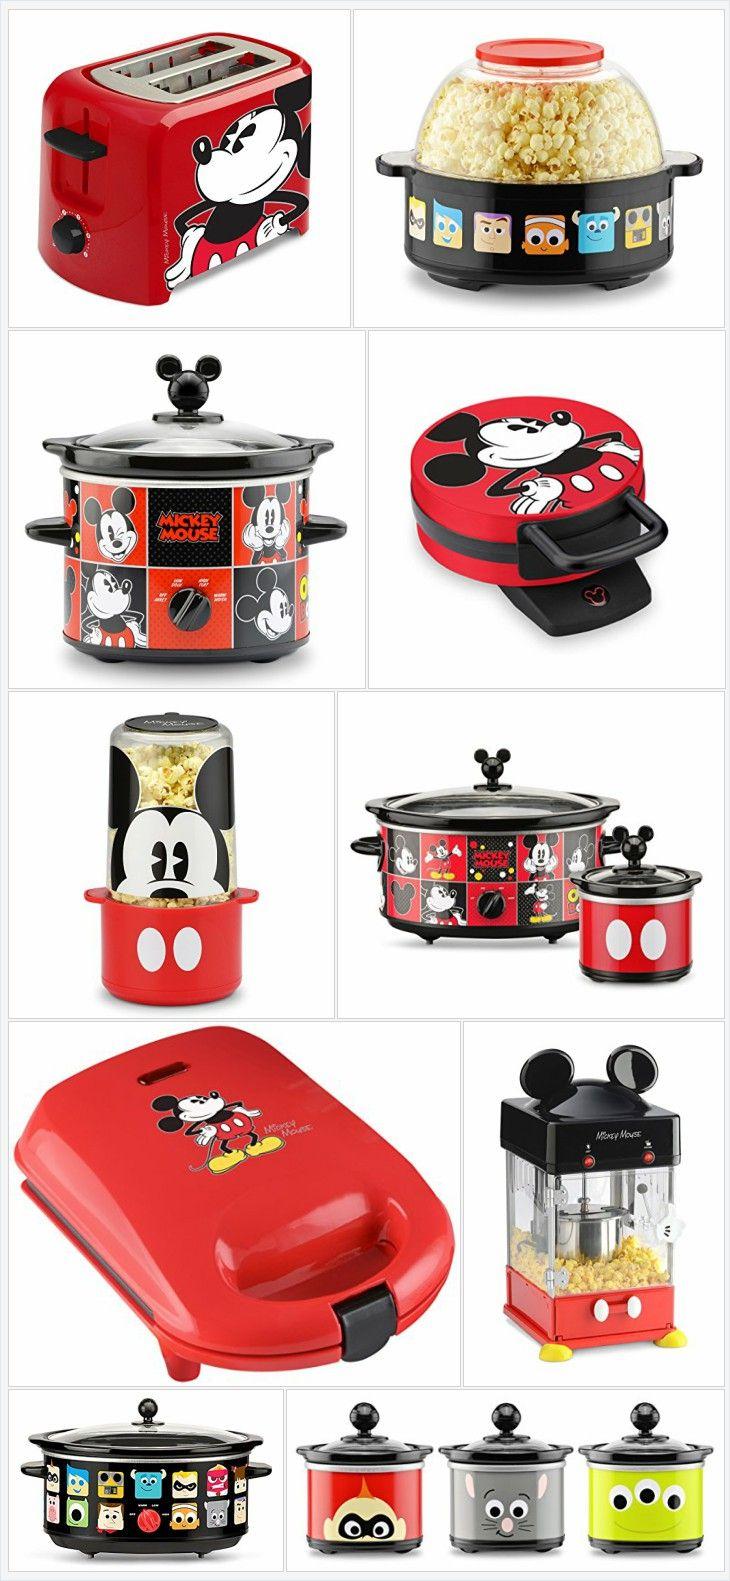 Amazon 10 Best Disney Kitchen Appliances - Kitchen Bests #disneykitchen